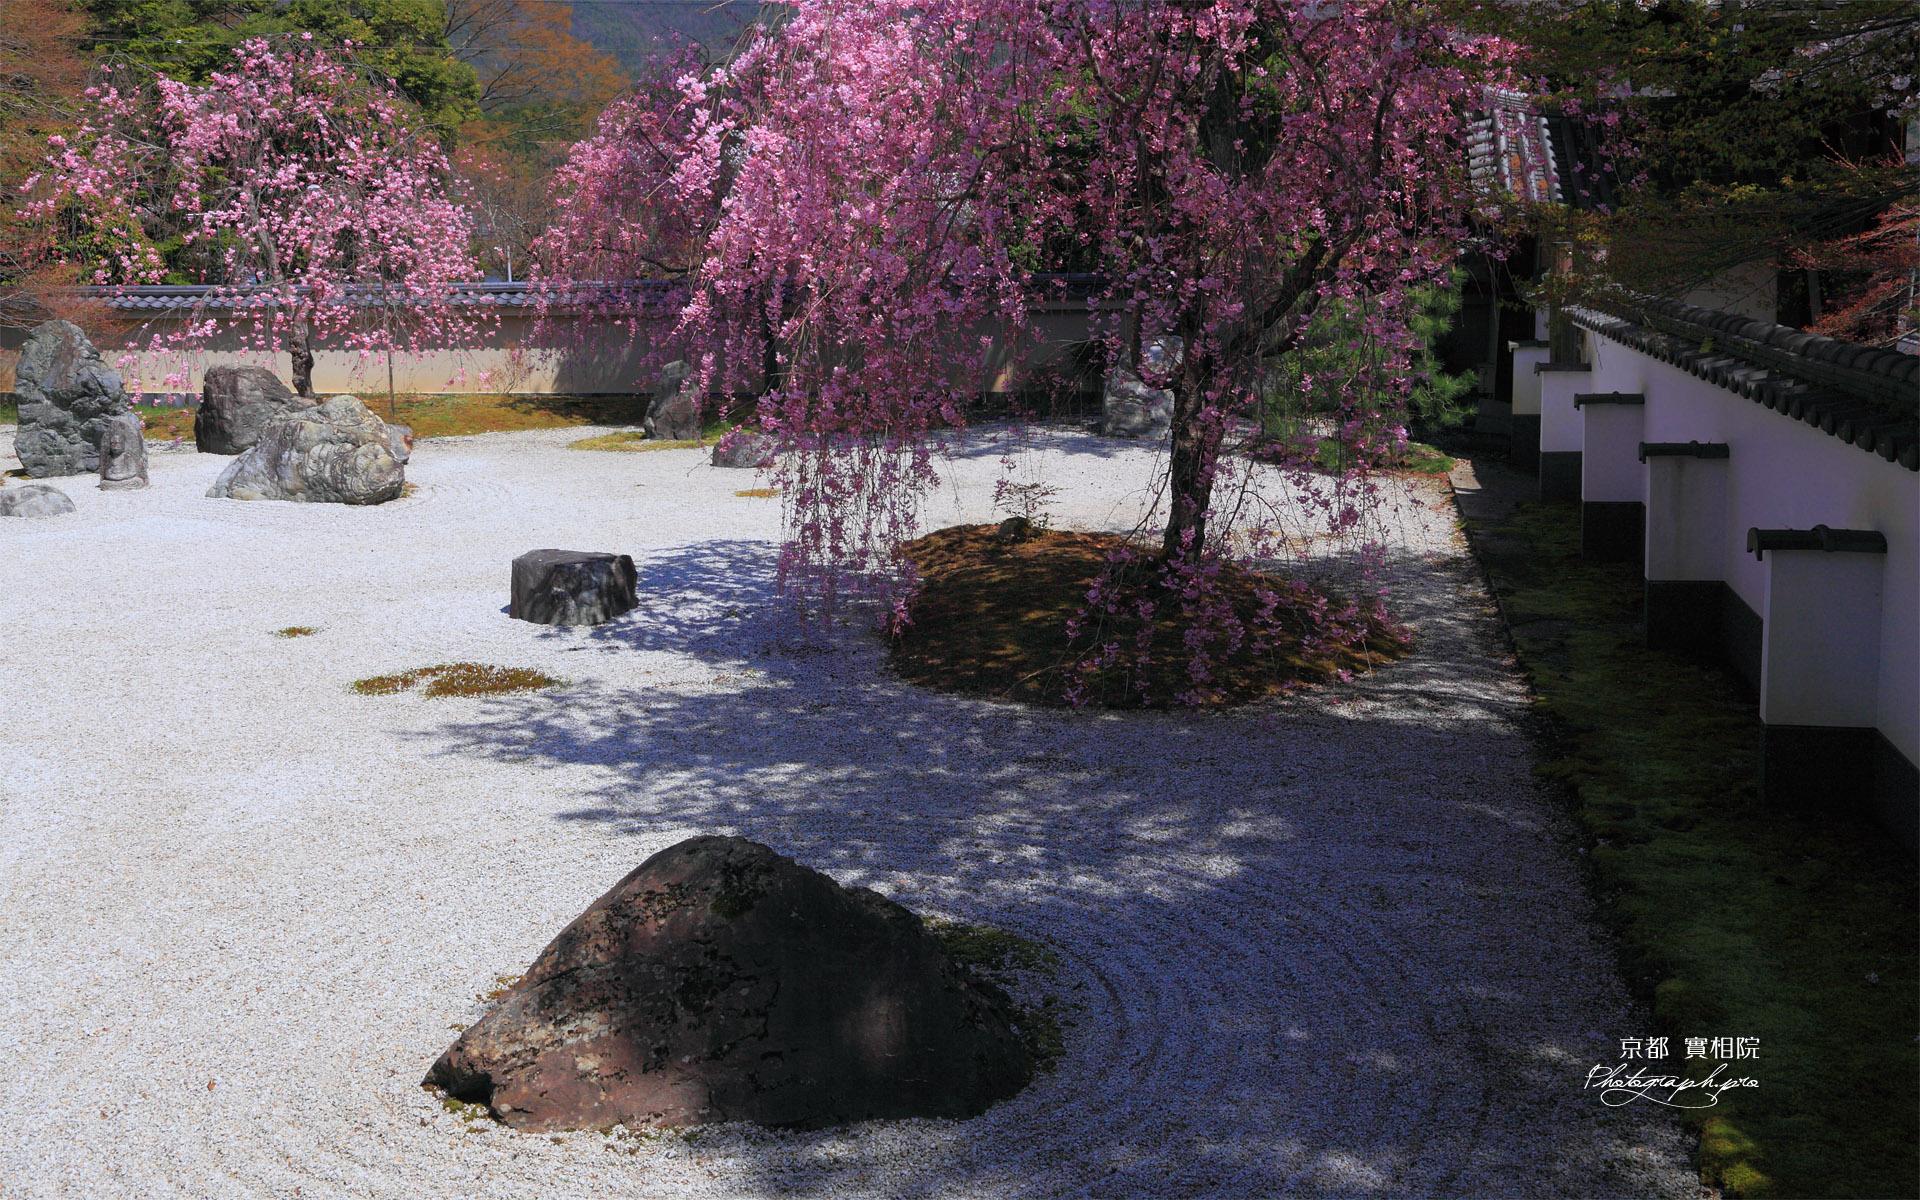 実相院 石庭のベニシダレザクラ